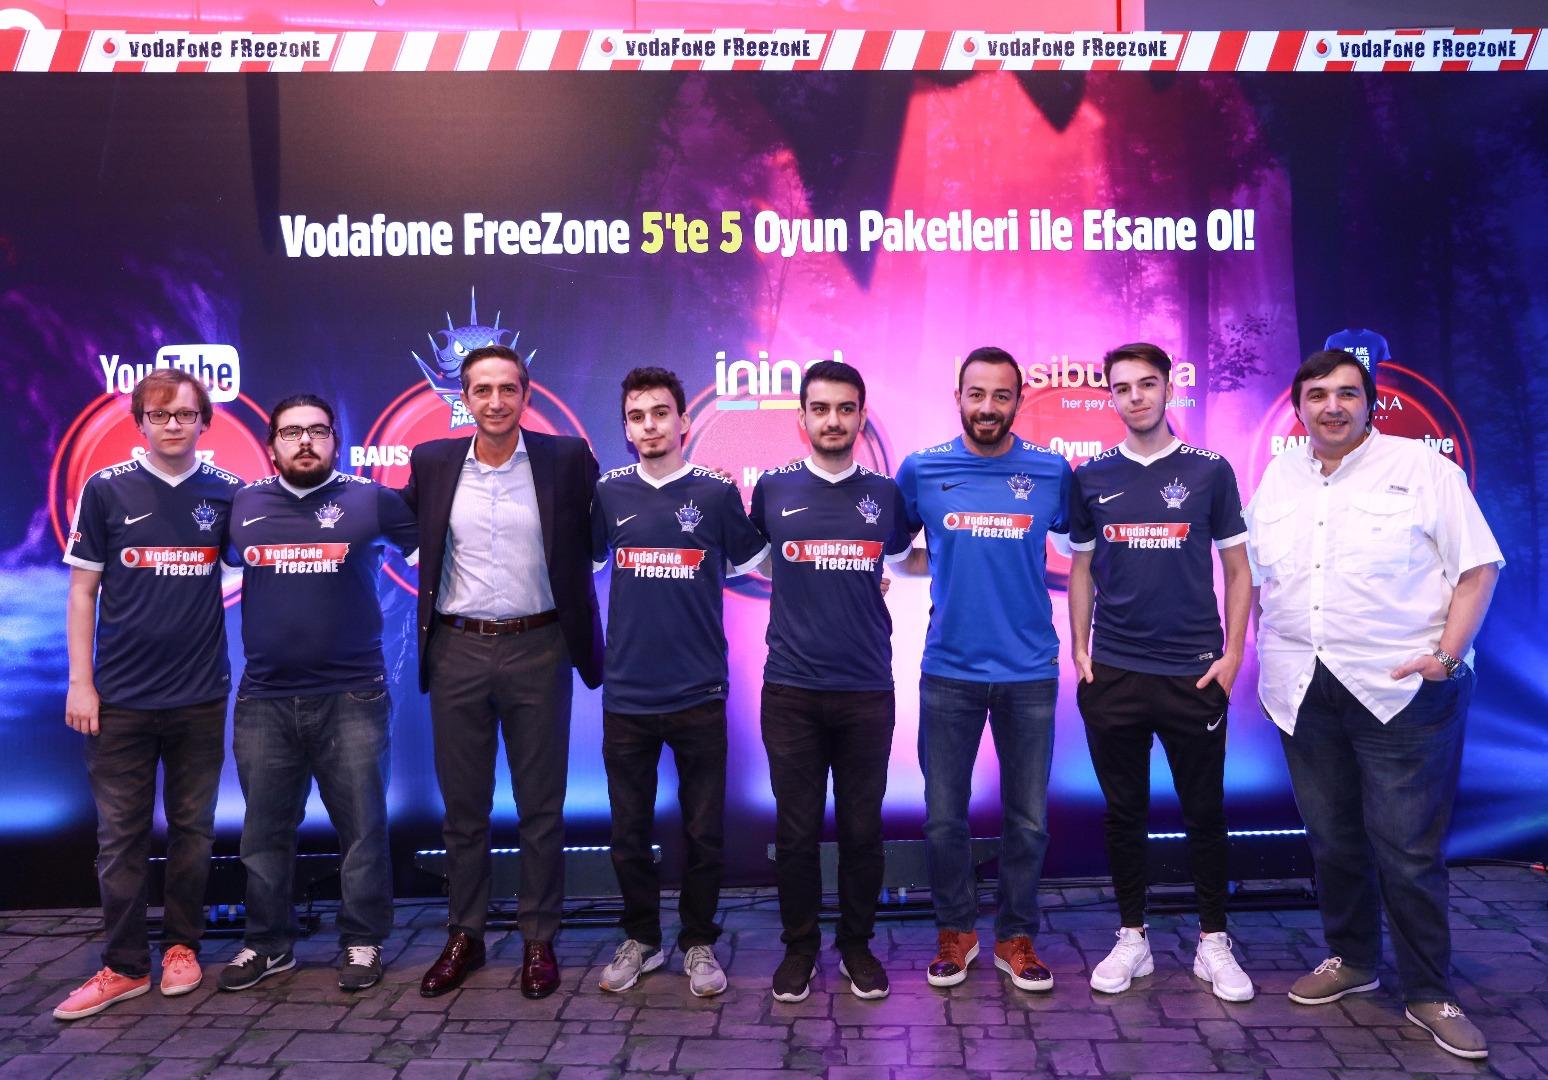 Vodafone FreeZone'dan espor pazarına büyük destek!